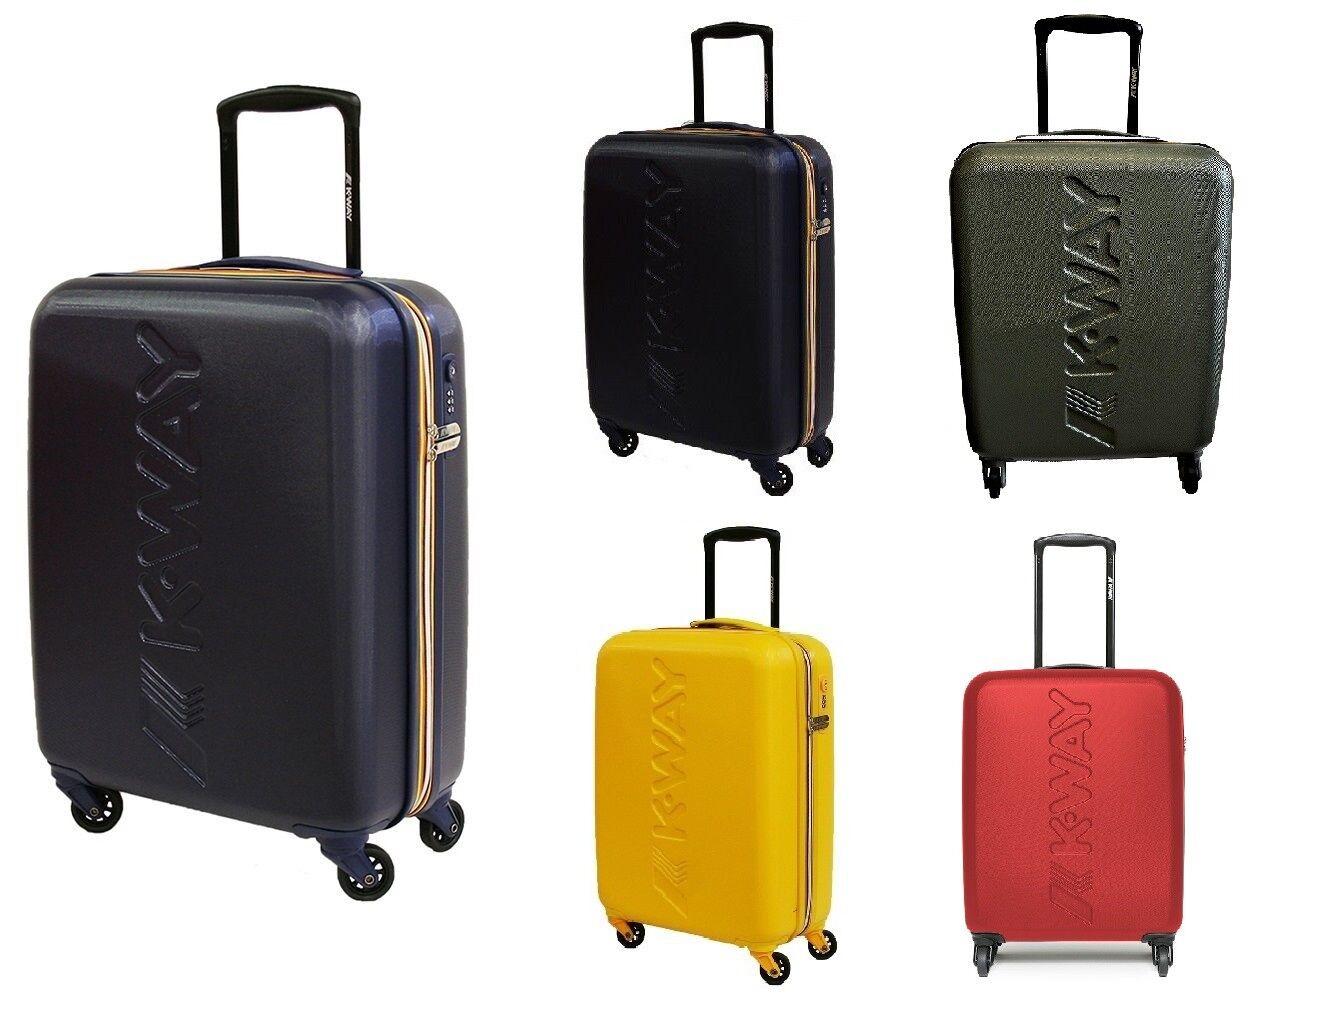 c95243804 Trolley K WAY Bagaglio a a a mano Ryanair rigido 4 ruote K1G01 55x40x20  94c9fc